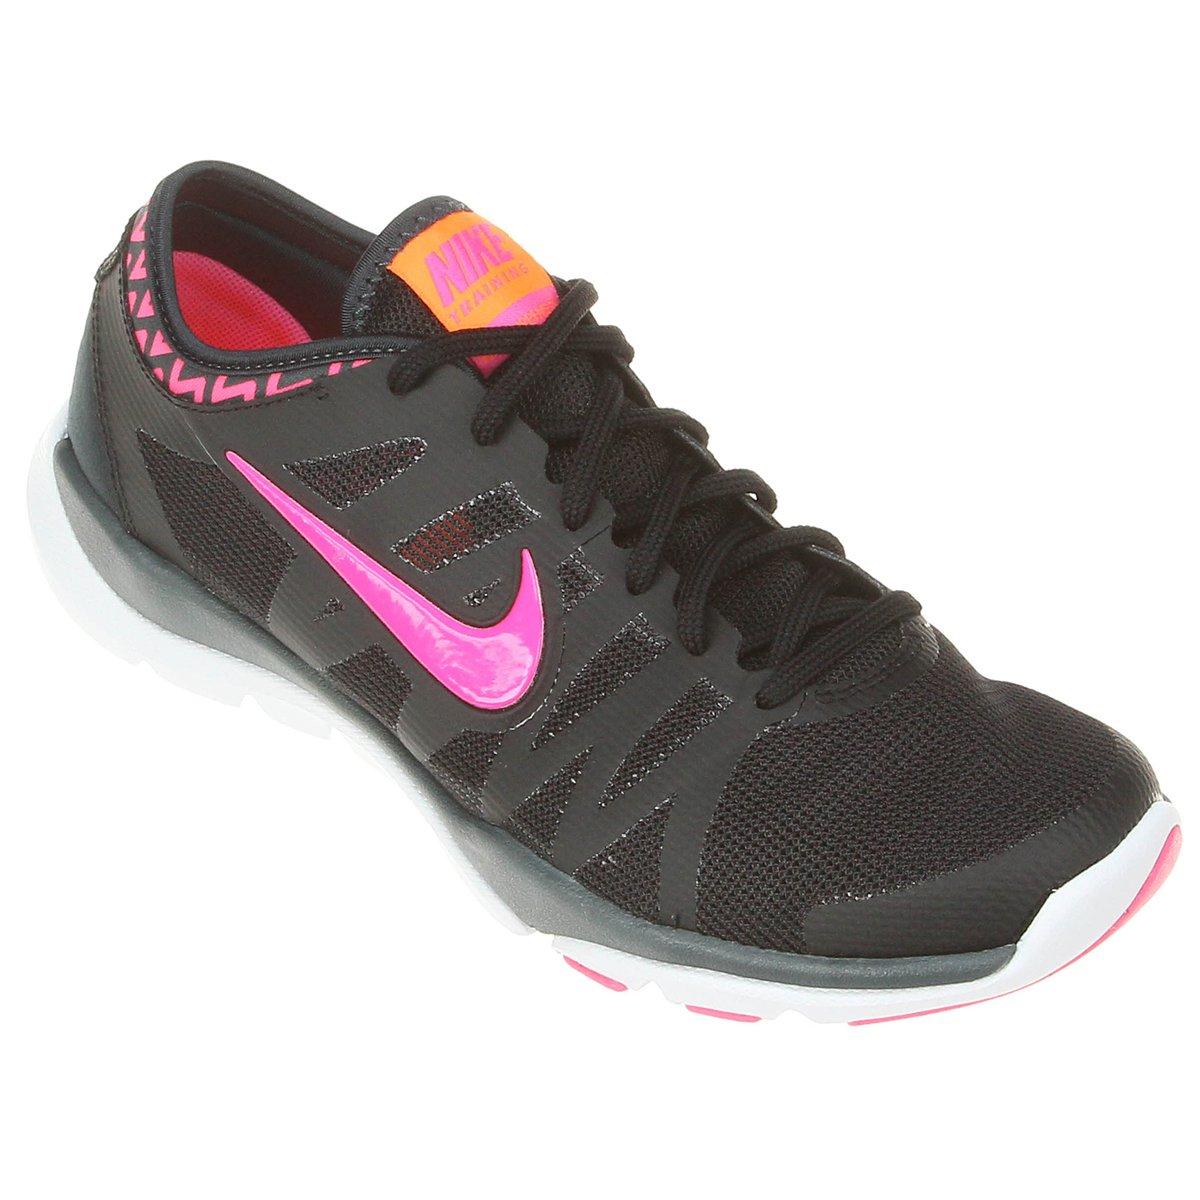 Tênis Nike Flex Supreme TR 3 Feminino - Compre Agora  52765c50c8ac5